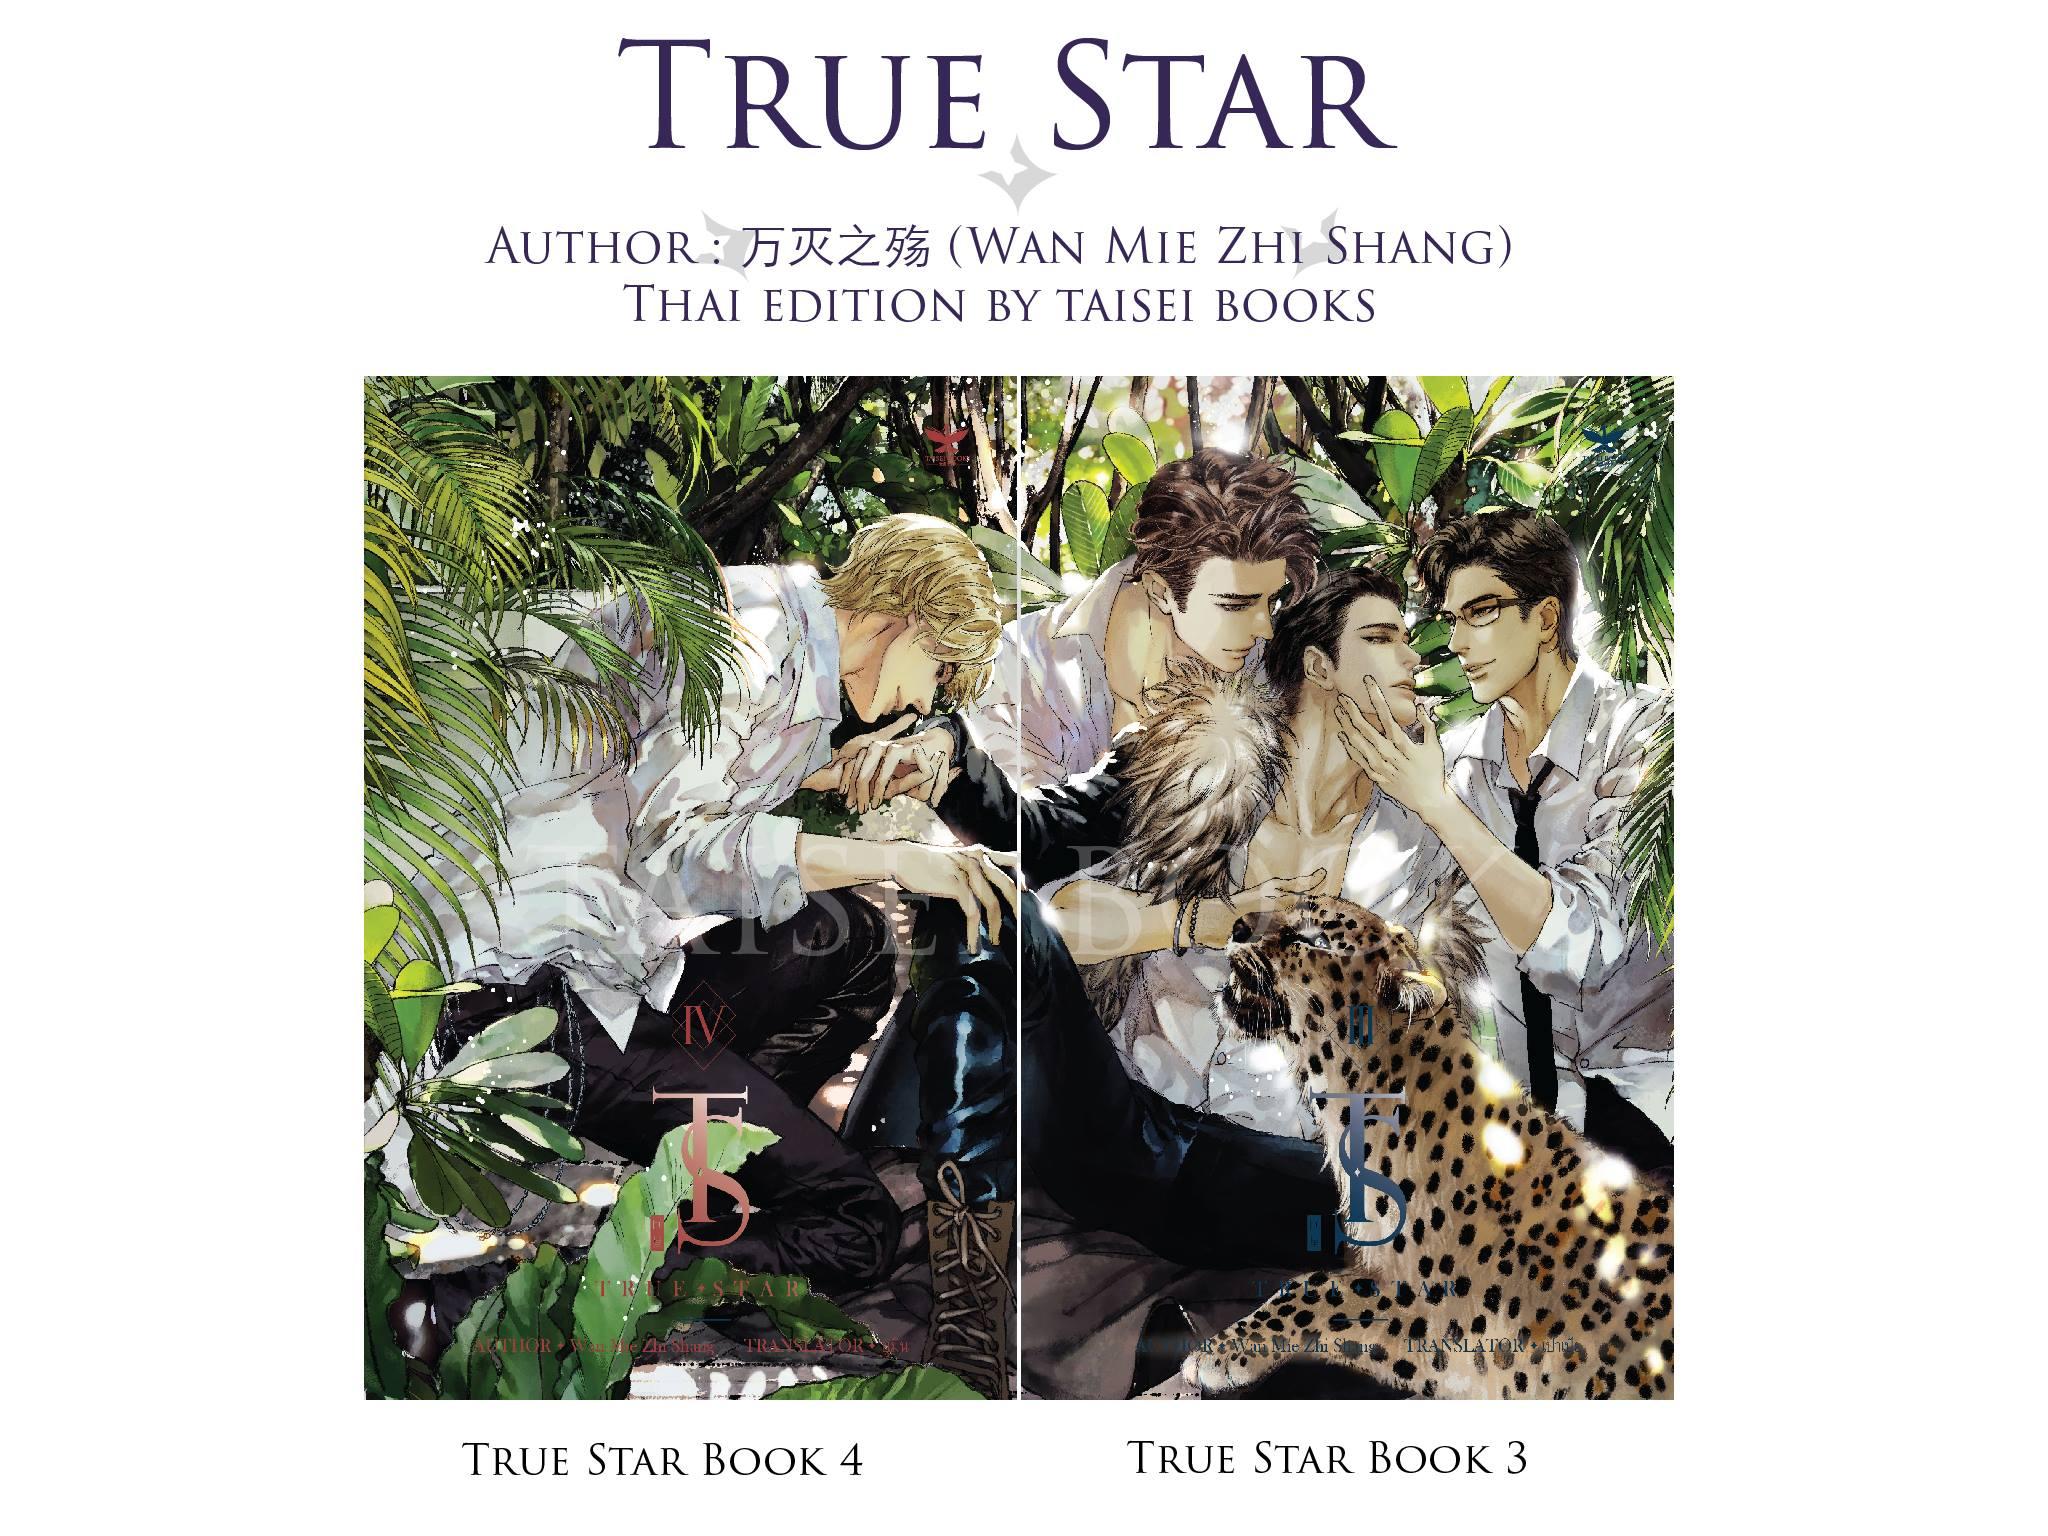 True Star เล่ม 3 และ เล่ม 4 By Wan Mie Zhi Shang มัดจำ 800 ค่าเช่า 160b.